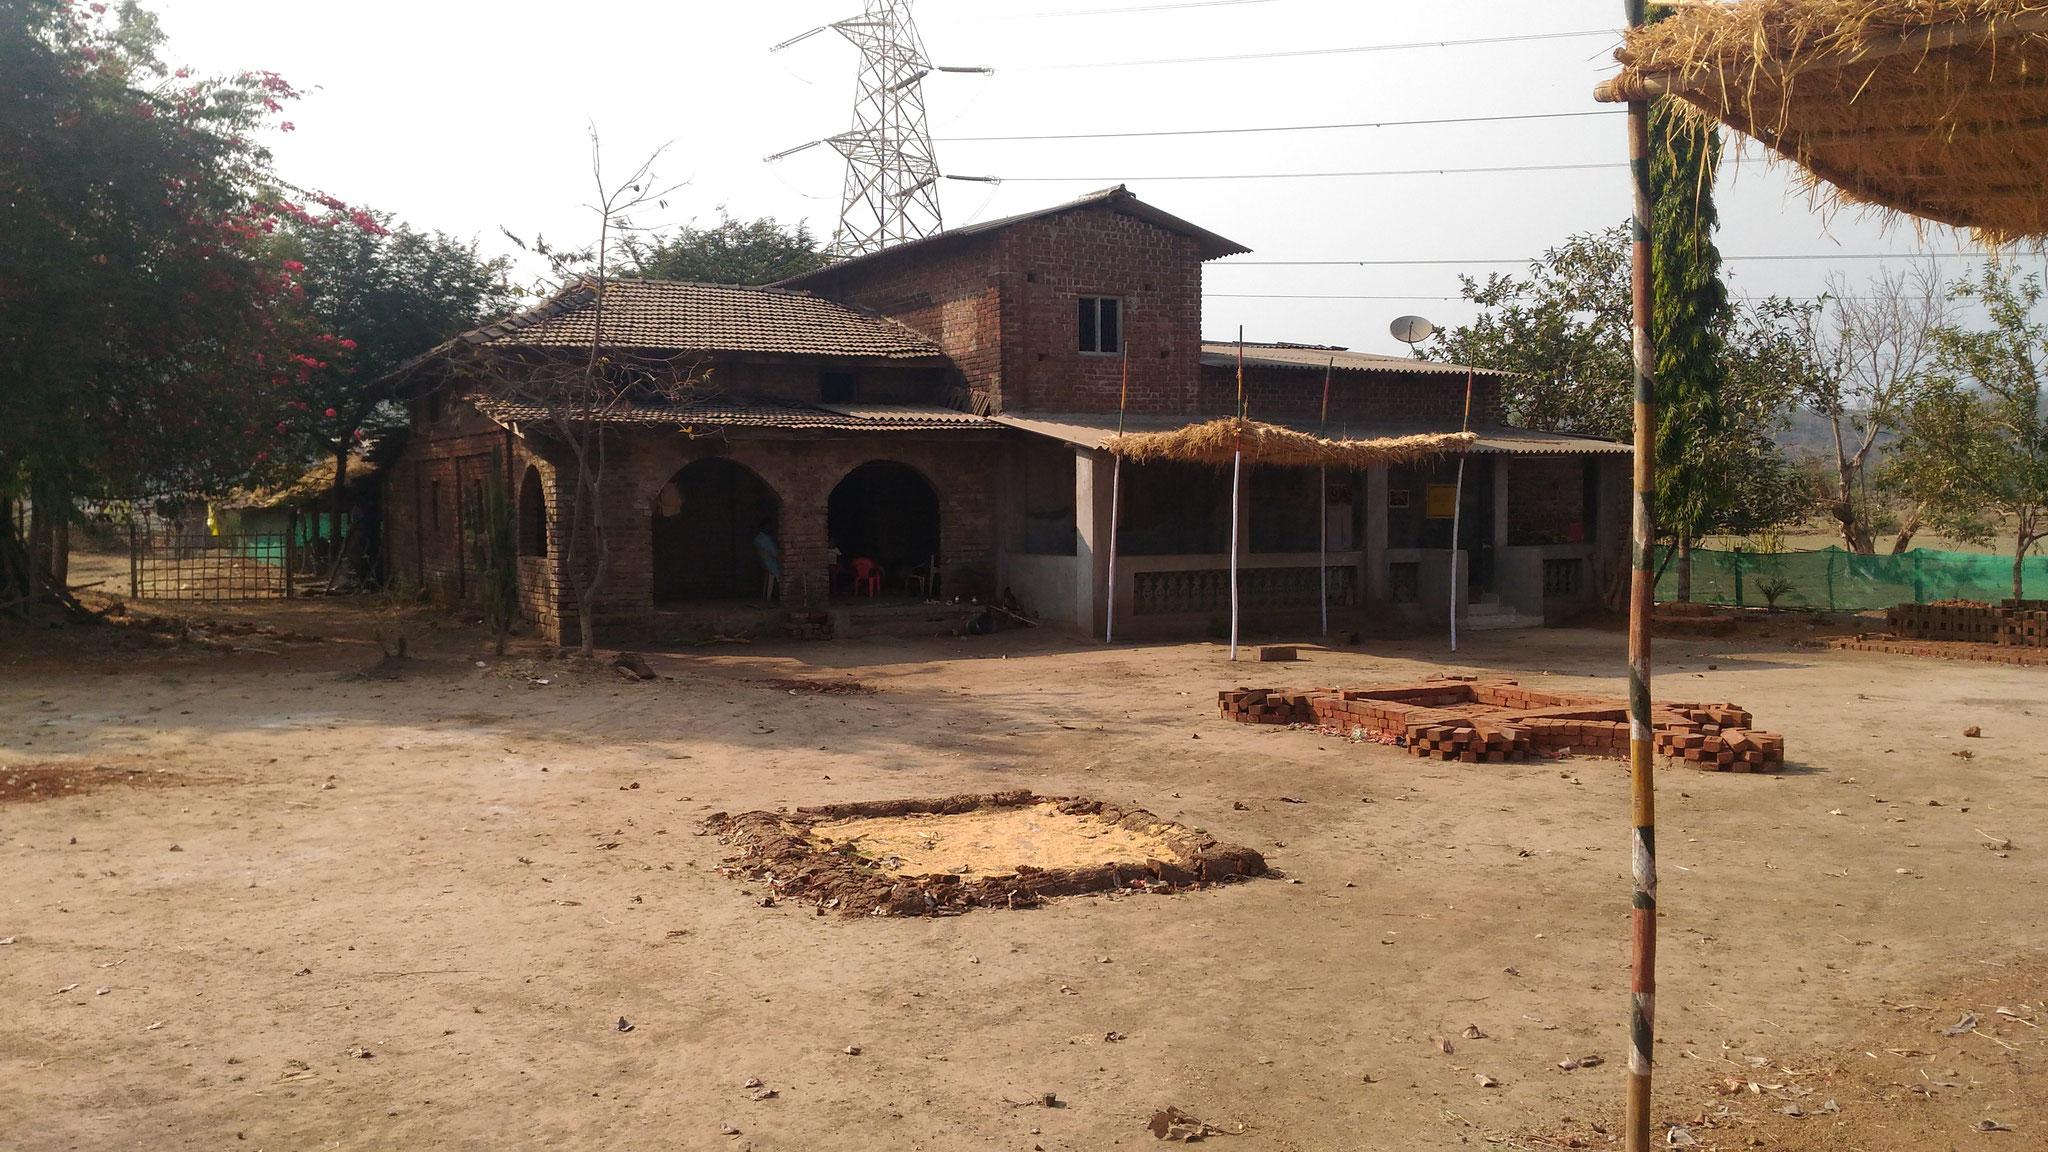 Mr. Rameshの家兼アトリエ。まだ建設途中だ。